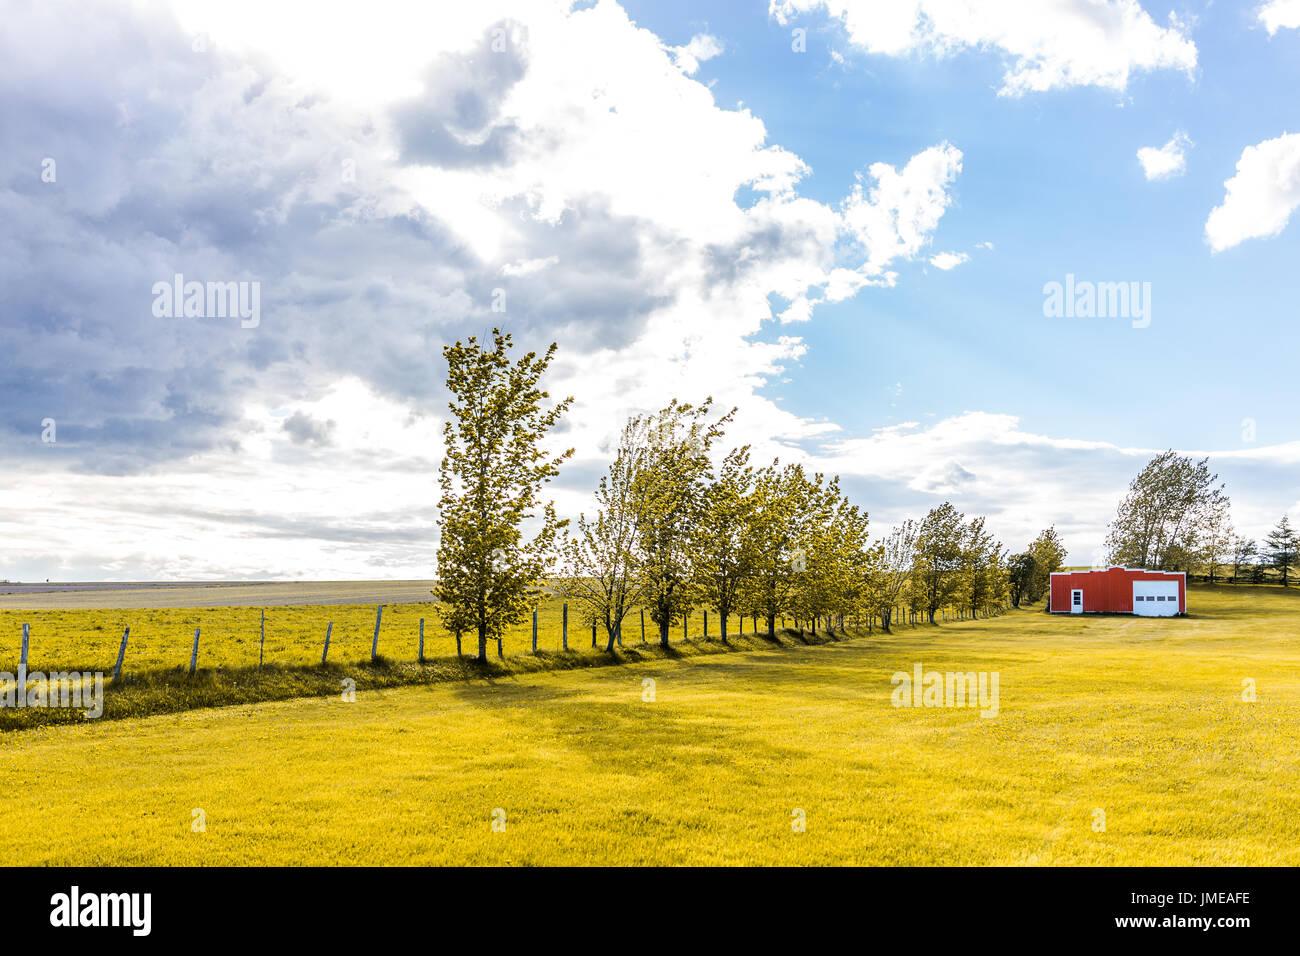 Rot Lackiert Vintage Schuppen Mit Türen Im Sommer Landschaft Feld In  Landschaft Mit Zaun Und Sonne